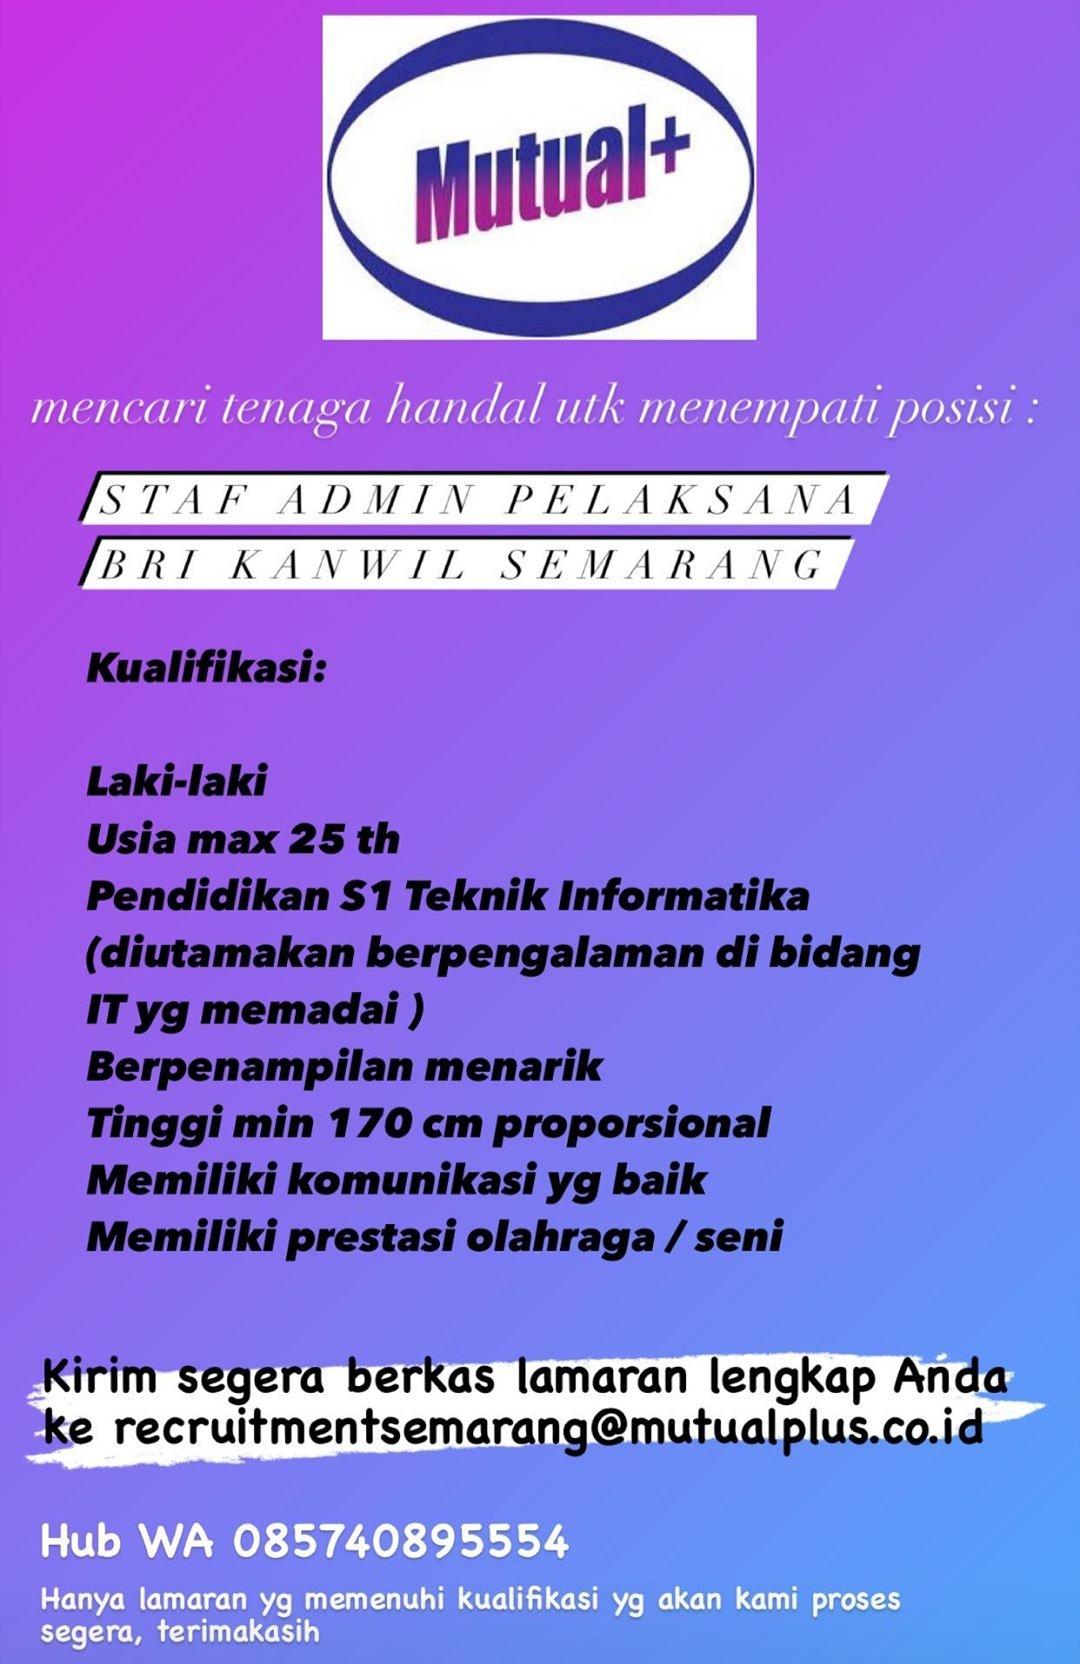 Bank Rakyat Indonesia Kantor Wilayah Semarang Membuka Lowongan Kerja Staf Admin Pelaksana